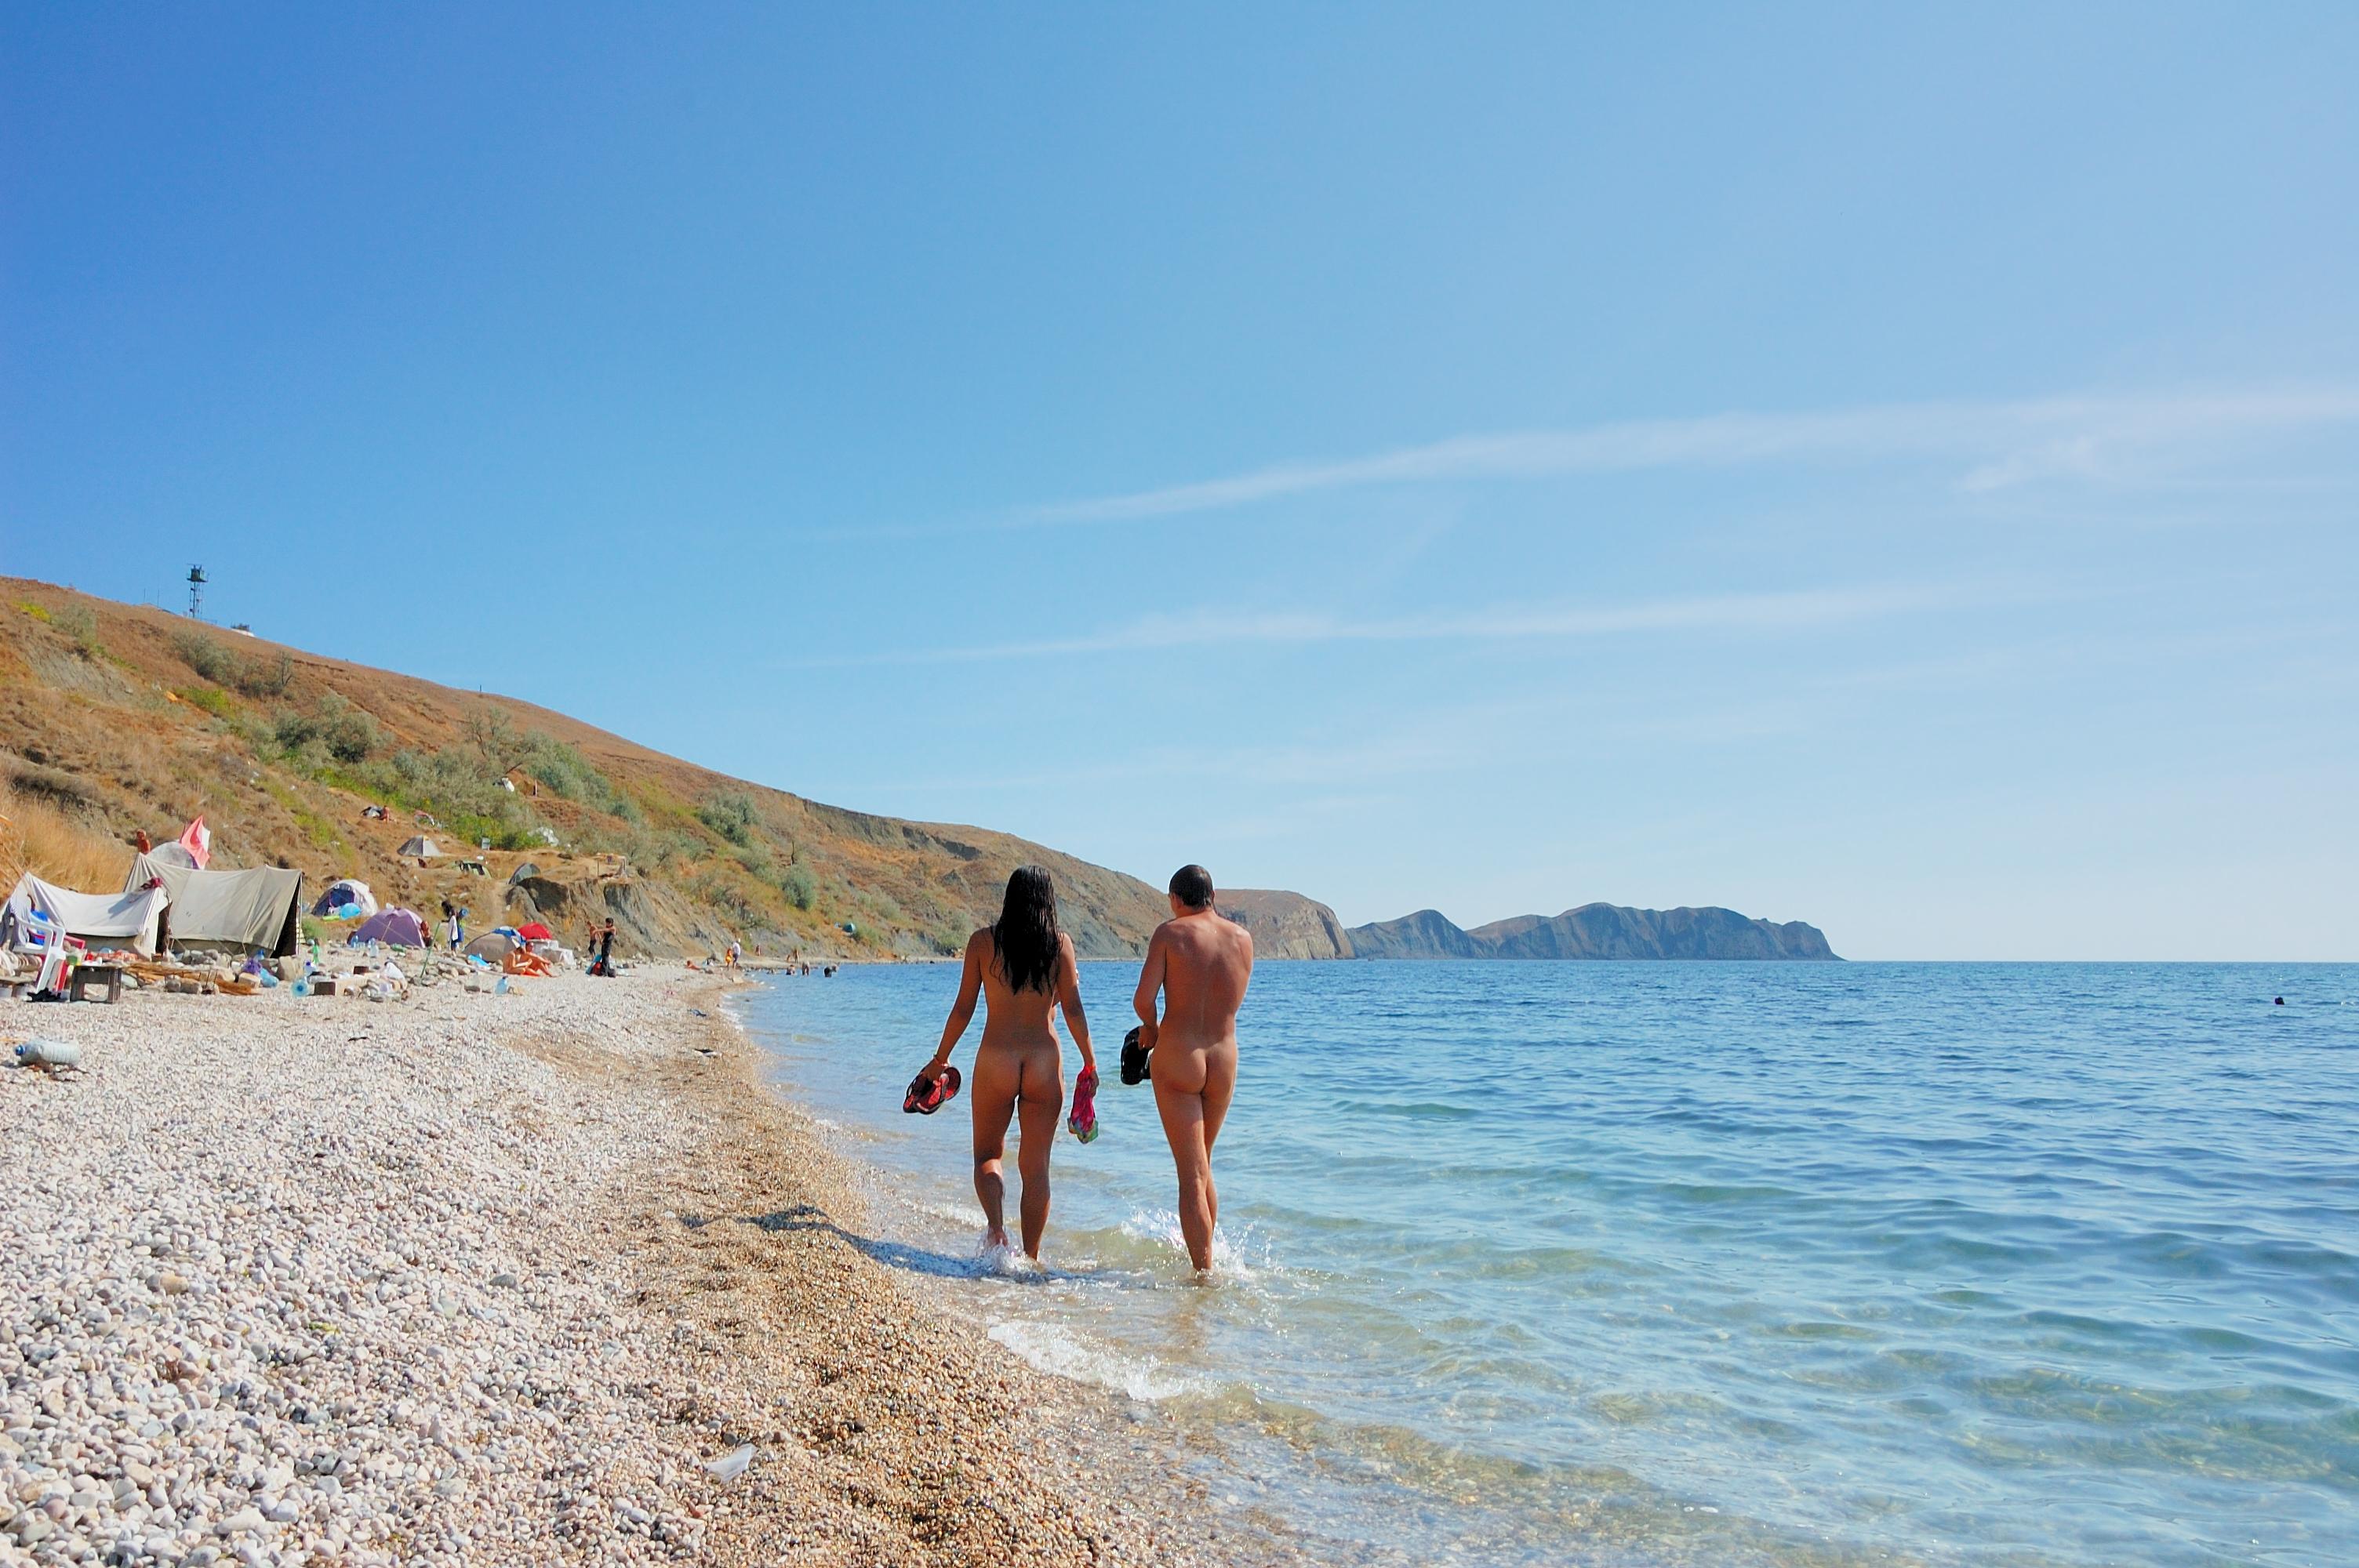 Фото нудисткие пляжи франции 25 фотография